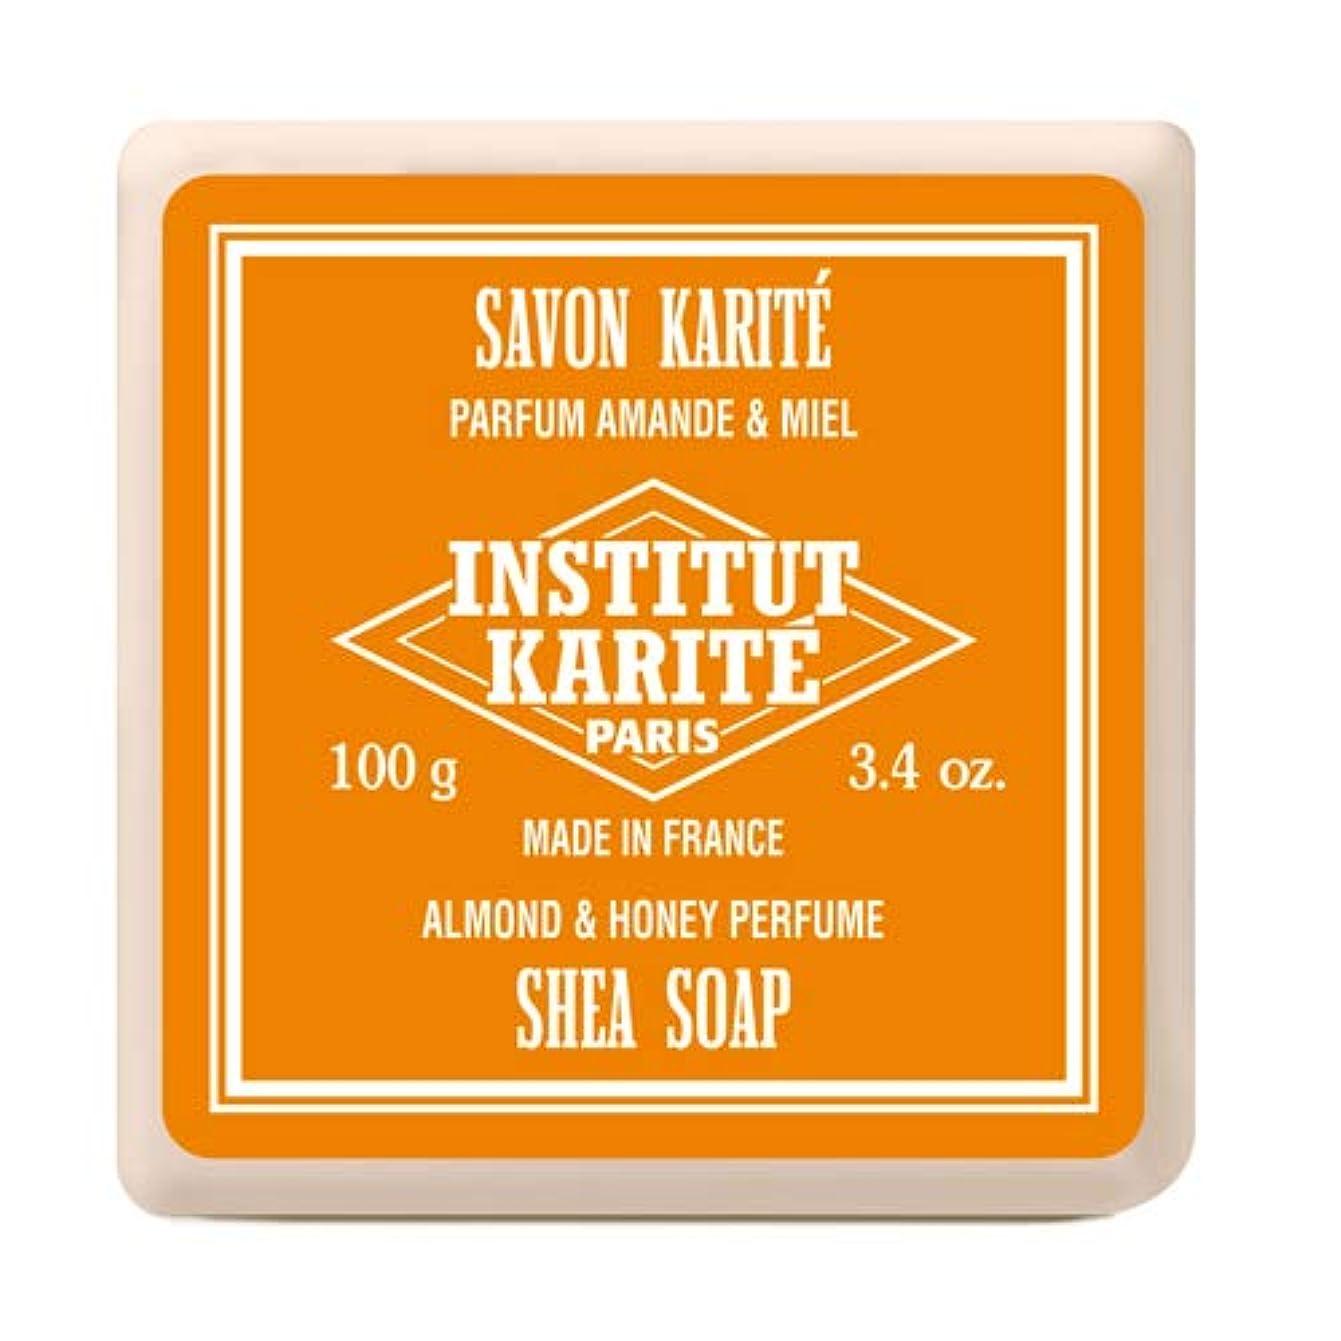 バットスカーフ信者INSTITUT KARITE インスティテュート カリテ Shea Wrapped Soap シアソープ 100g Almond & Honey アーモンド&ハニー